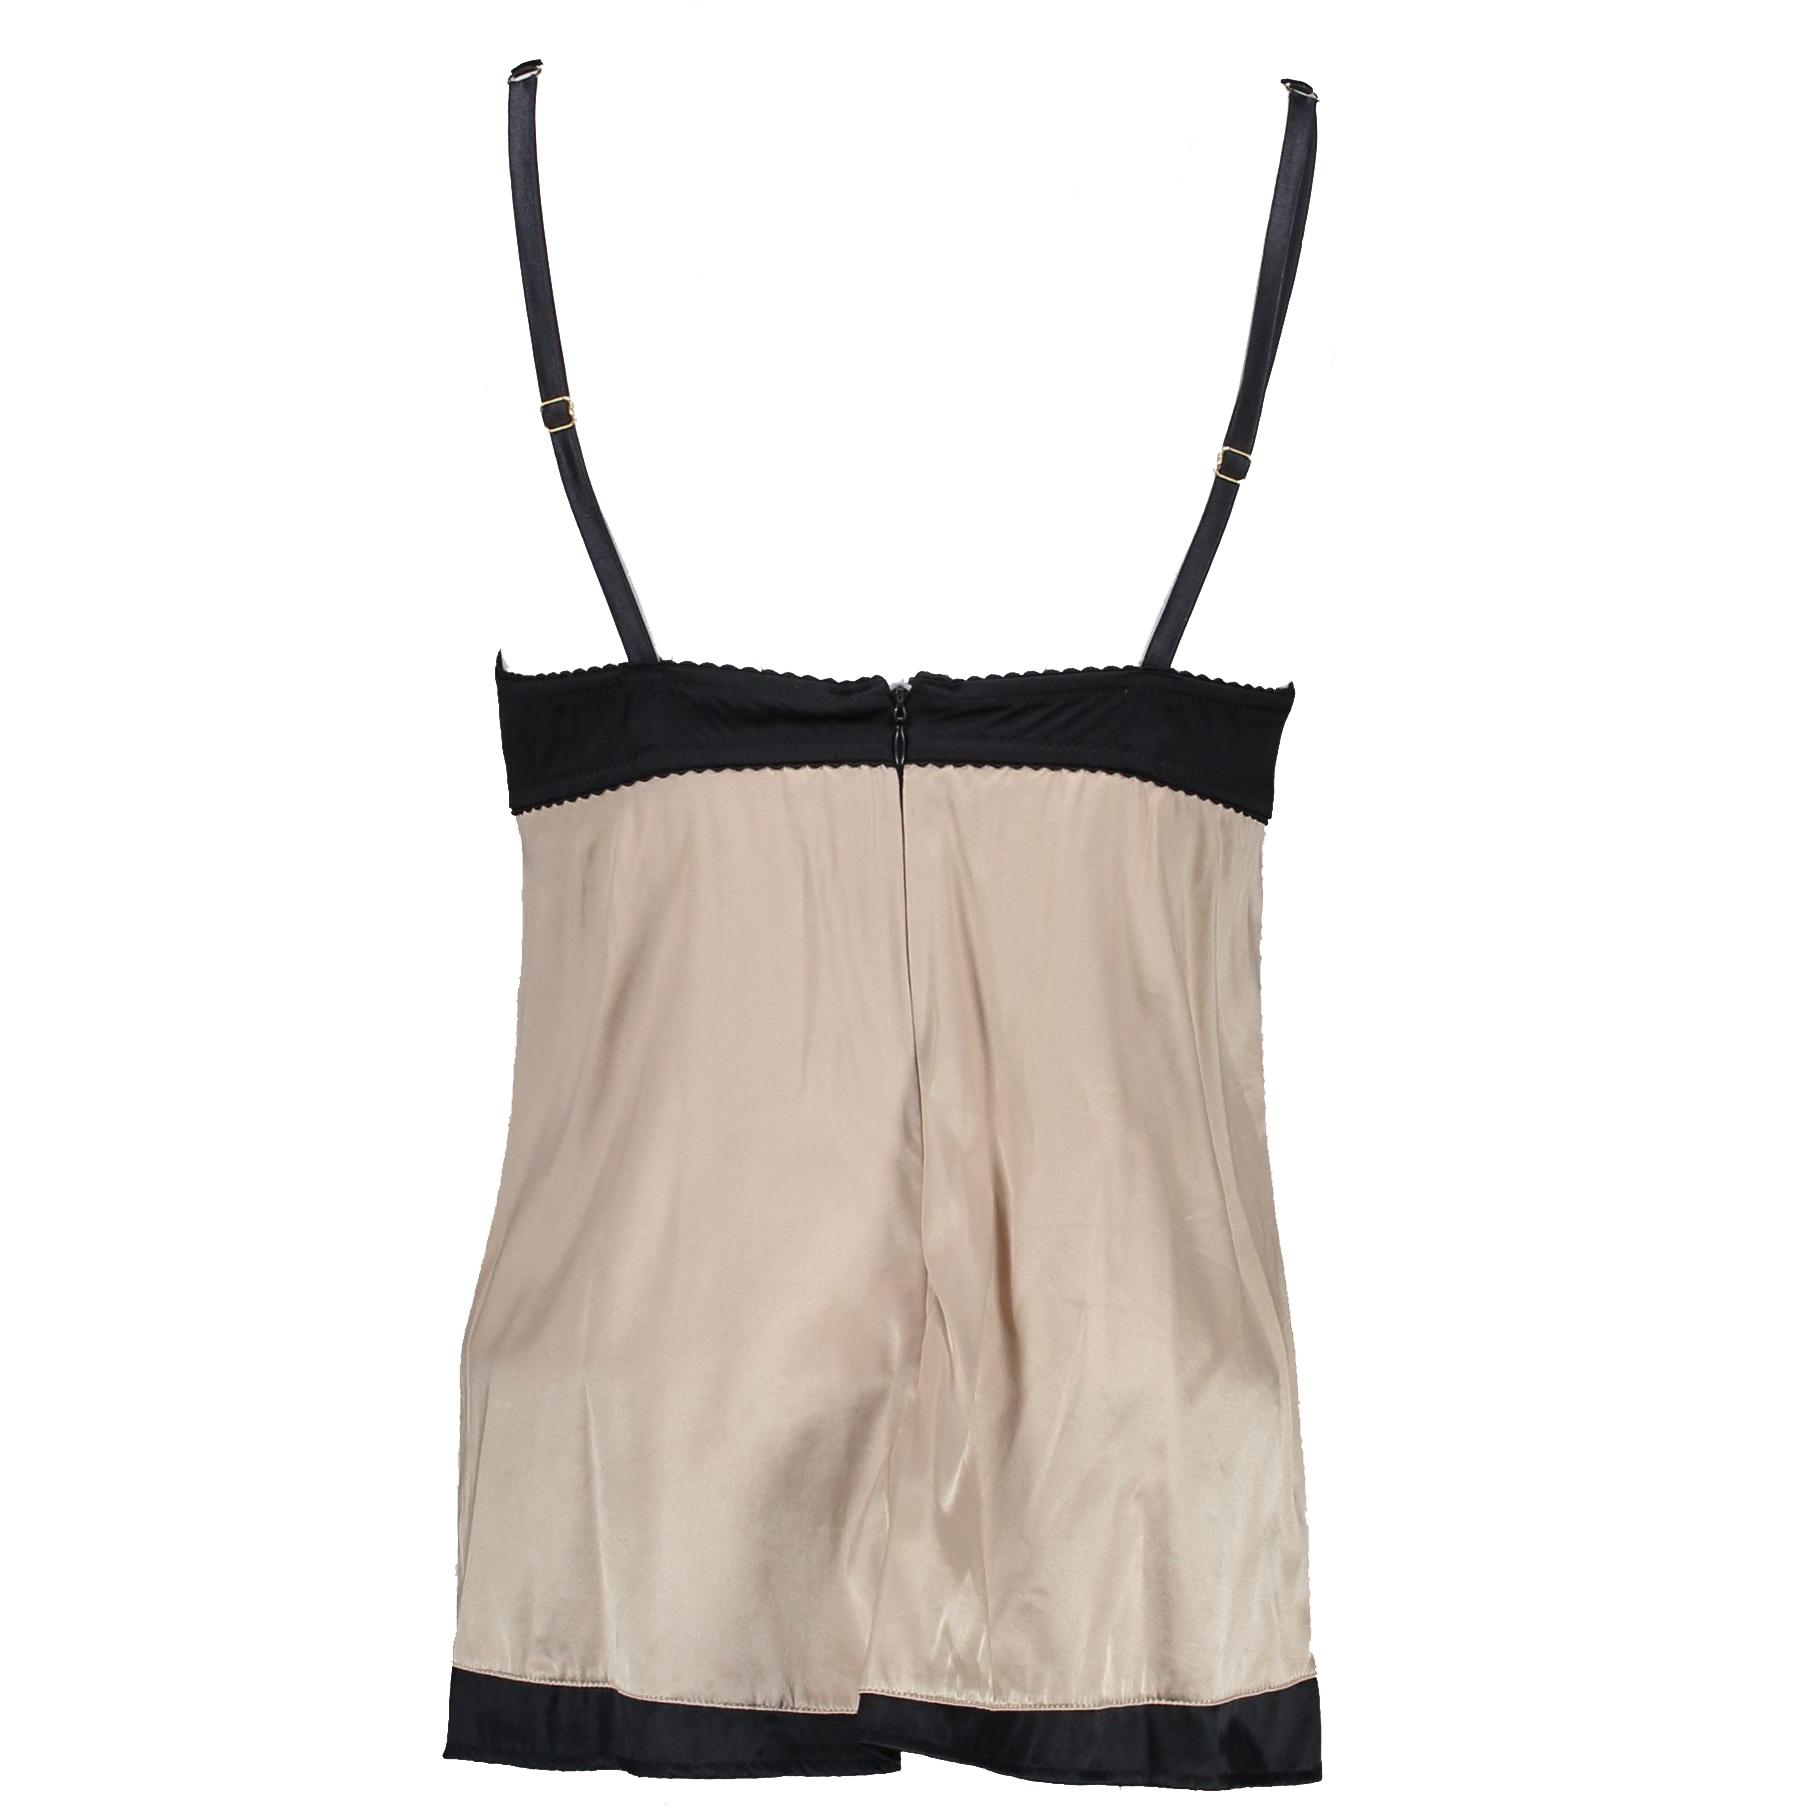 Dolce & Gabbana Silk top - Size M